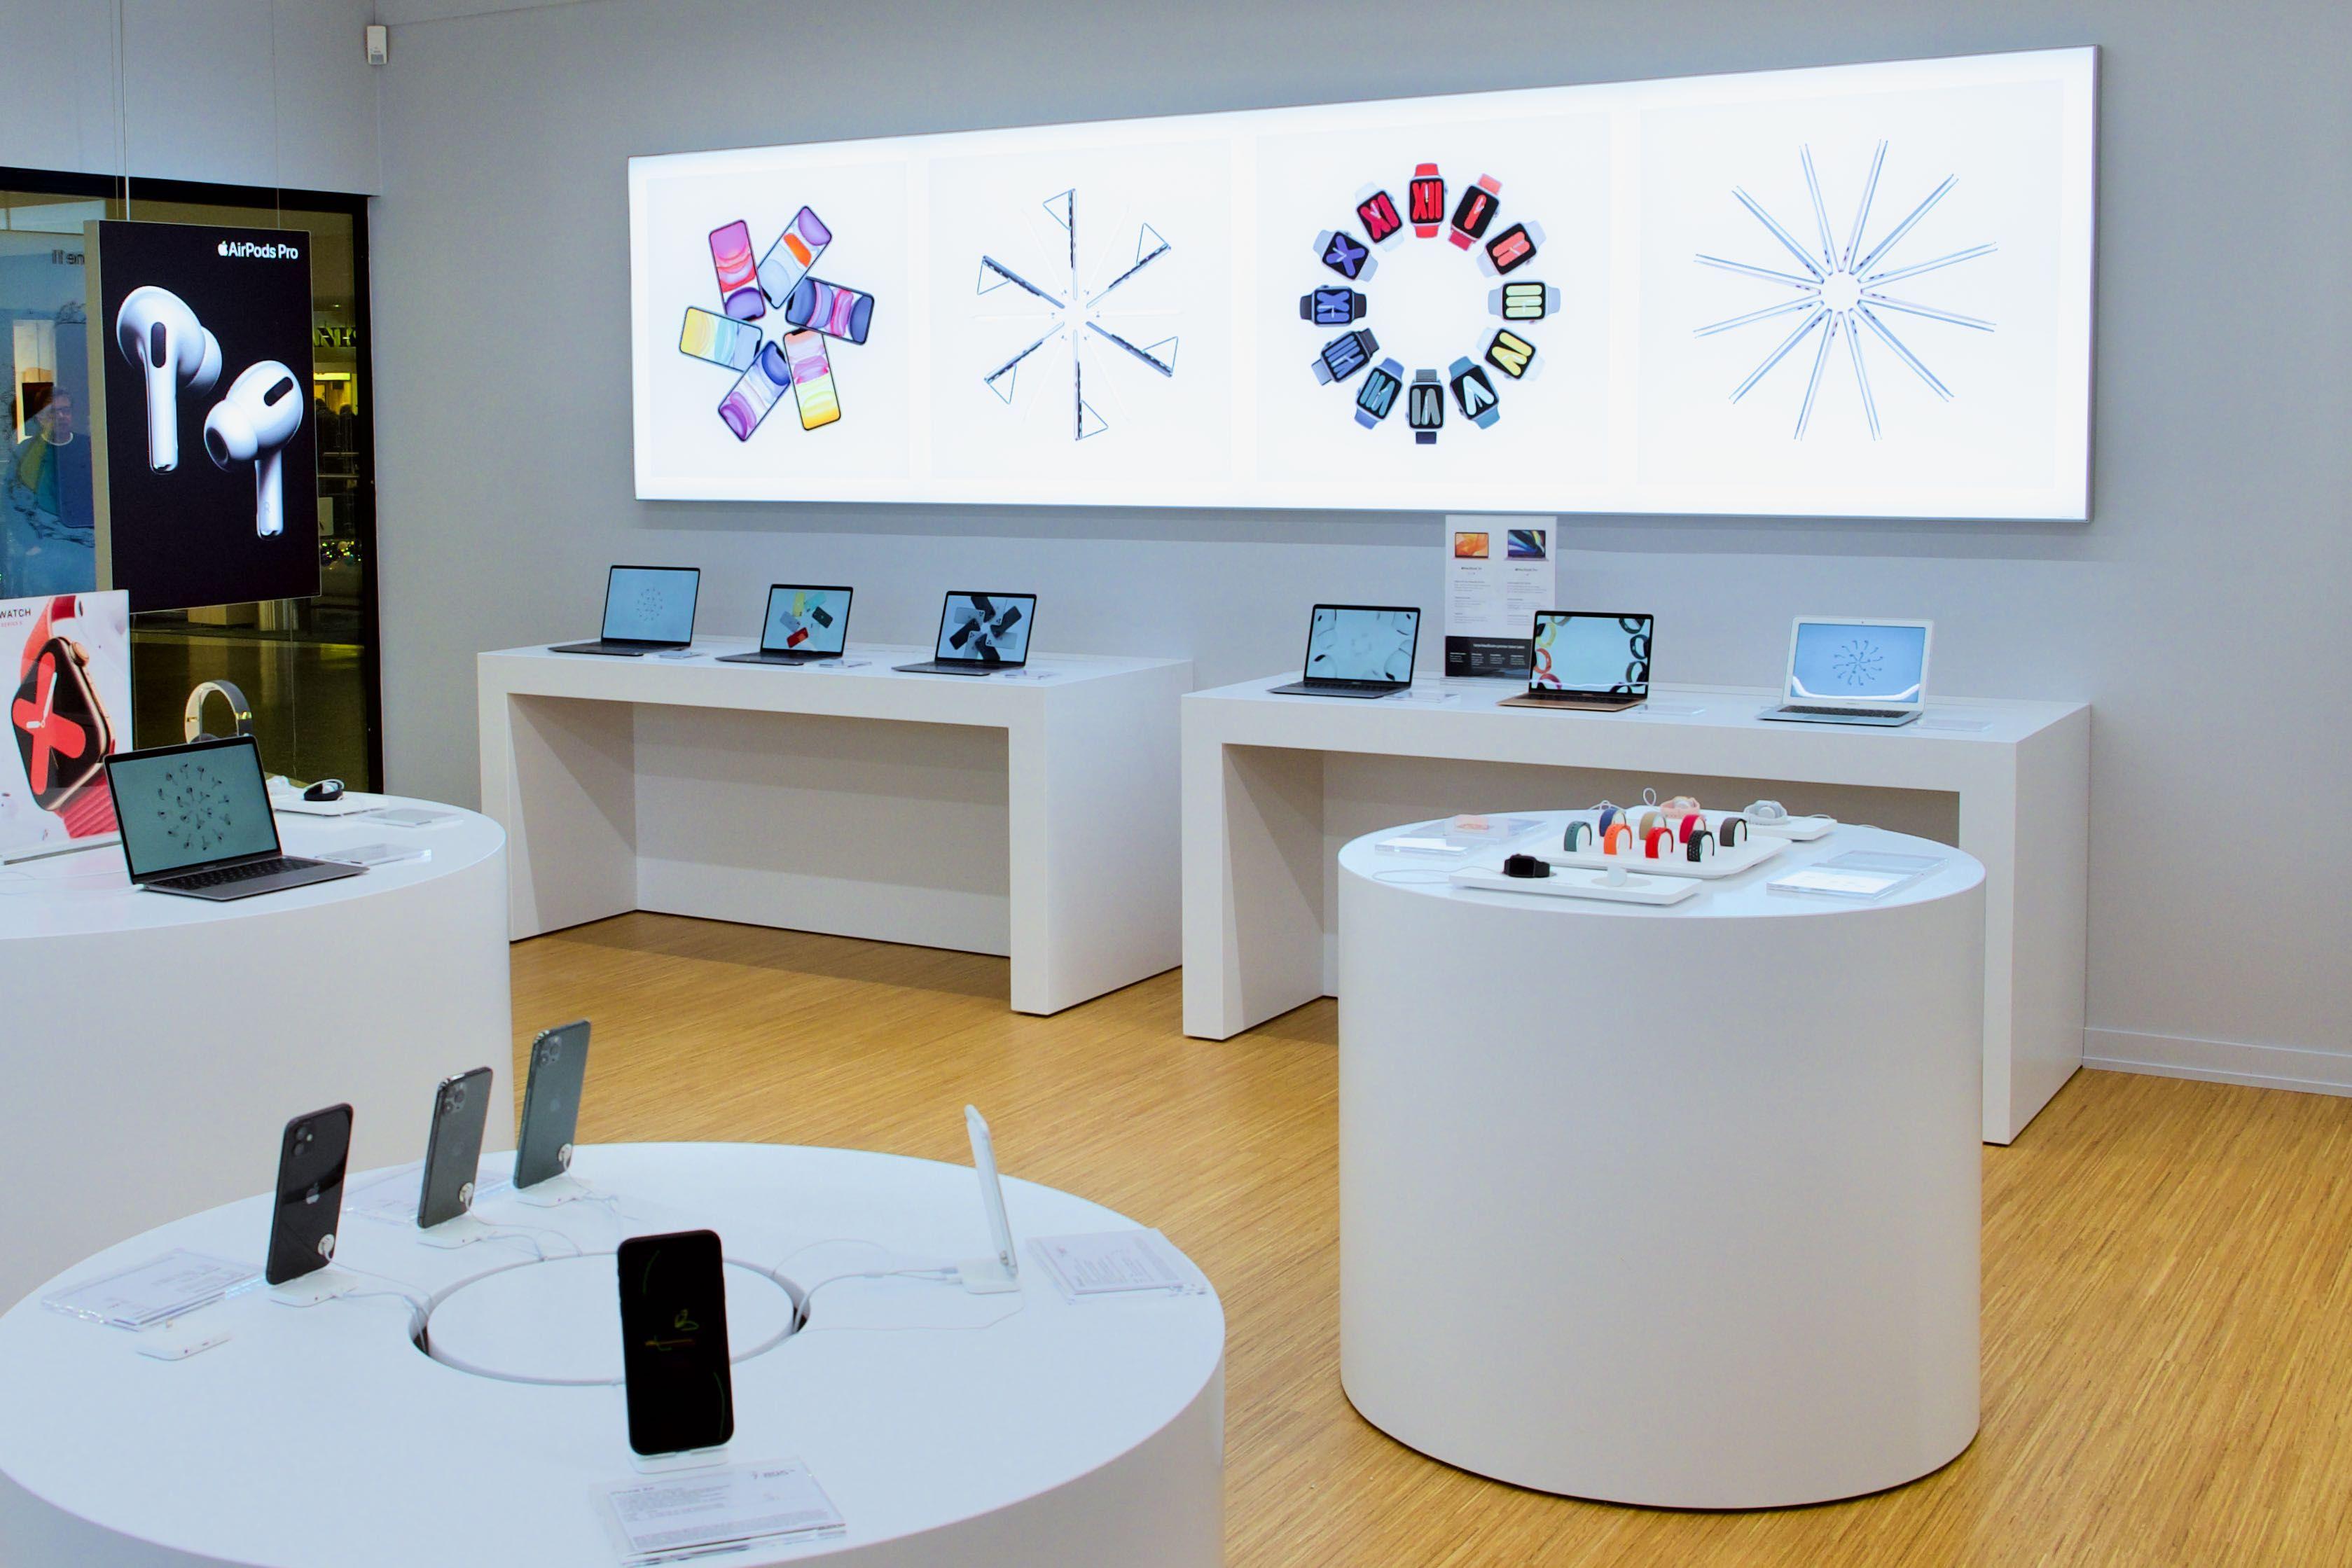 mStore öppnar en till butik i centrala Stockholm